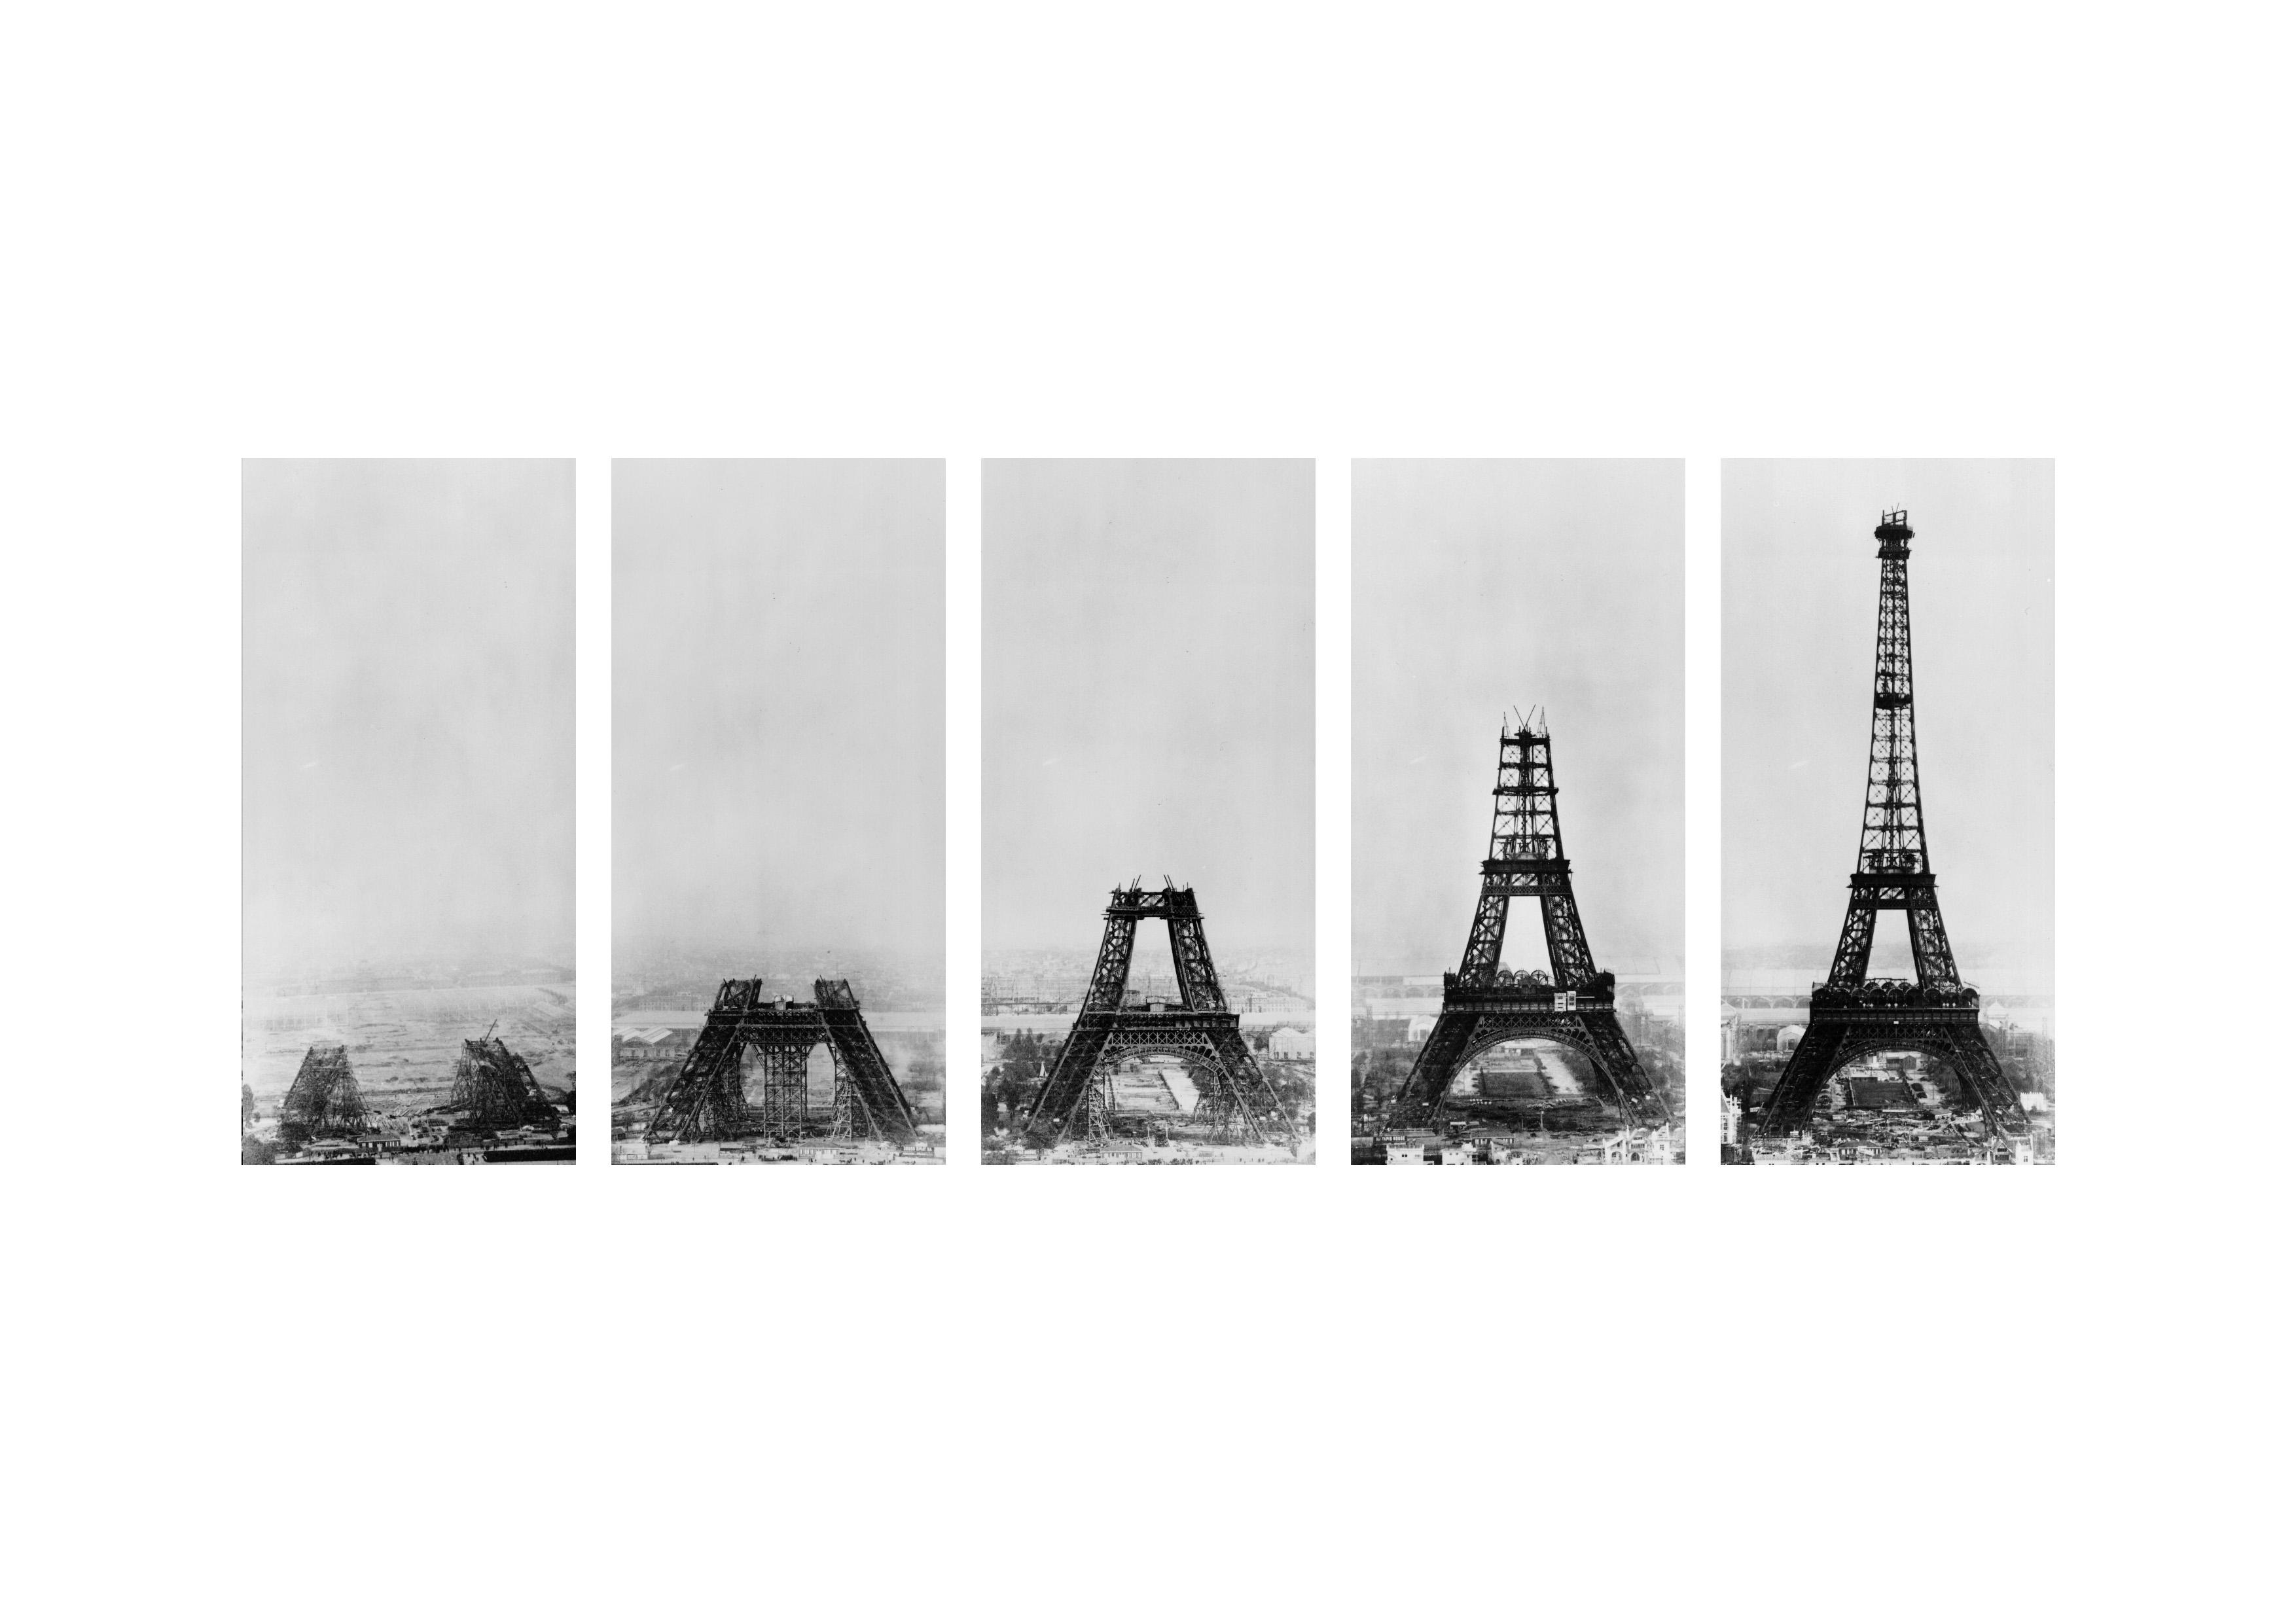 Projet Pédagogique : Le Tour Du Monde De Gaspard Et Lisa dedans Dessiner La Tour Eiffel